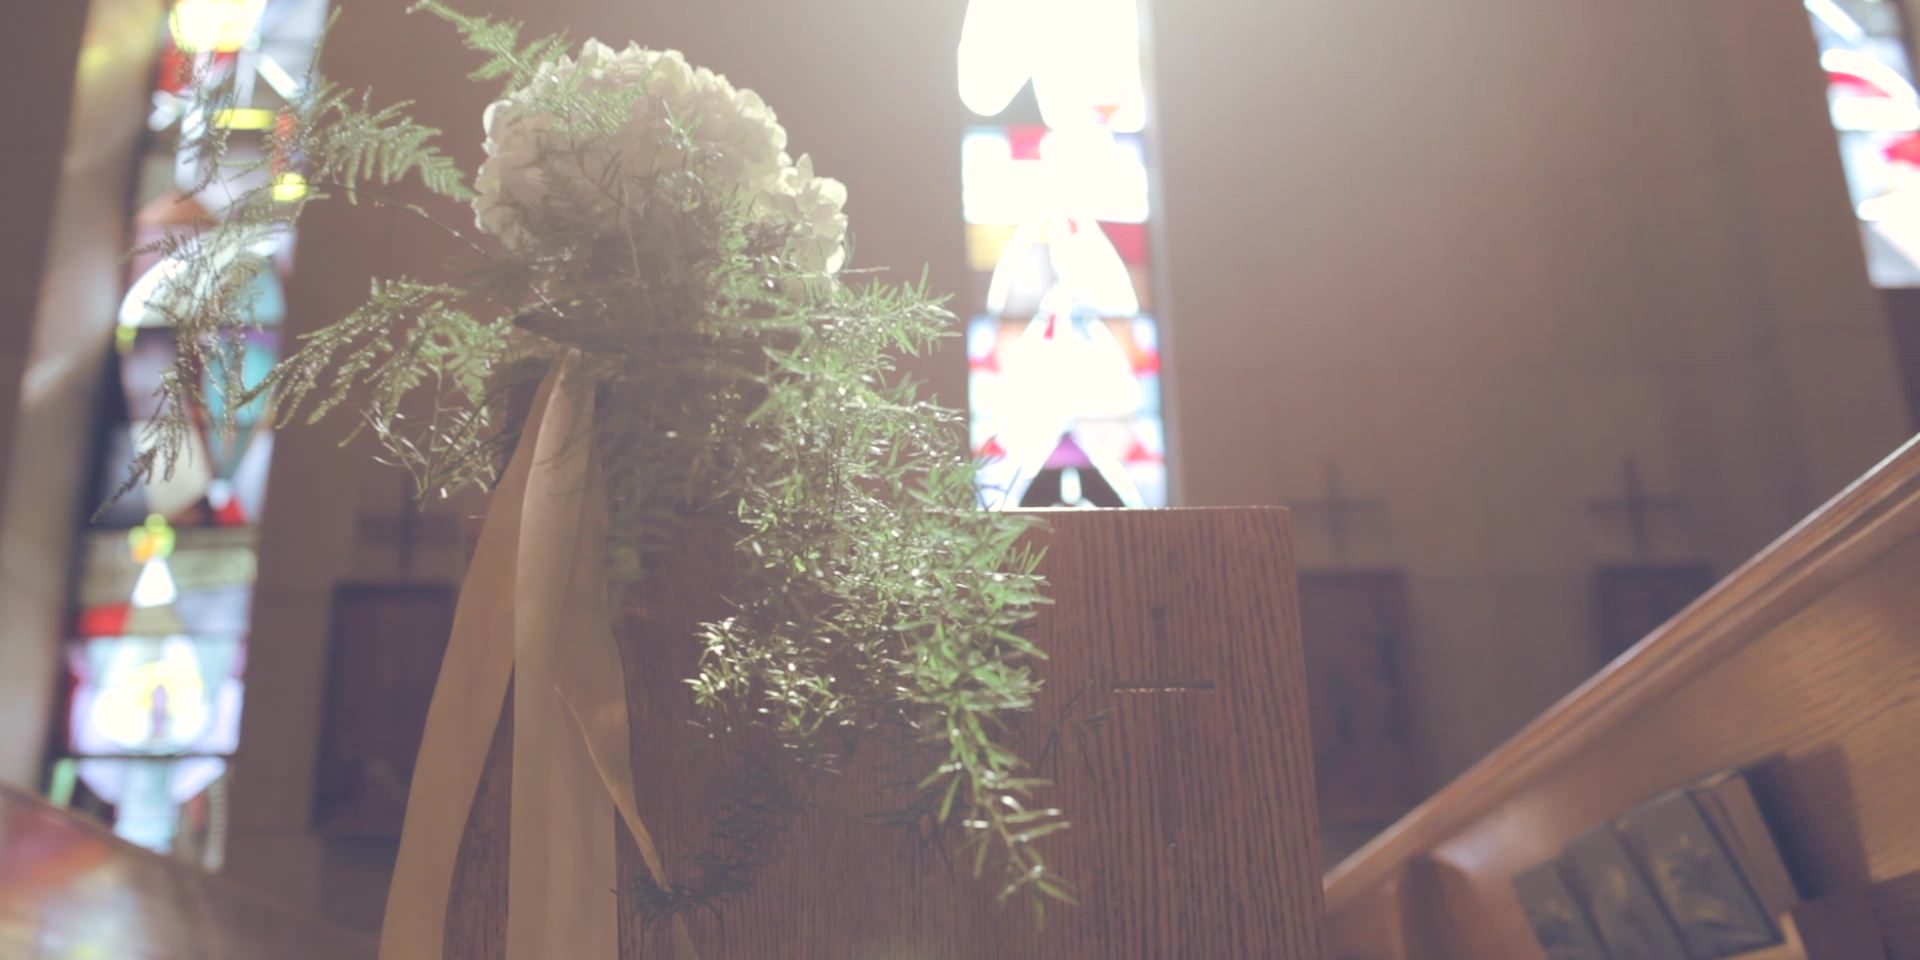 matt&anna wedding story.mp4-still00014.jpg